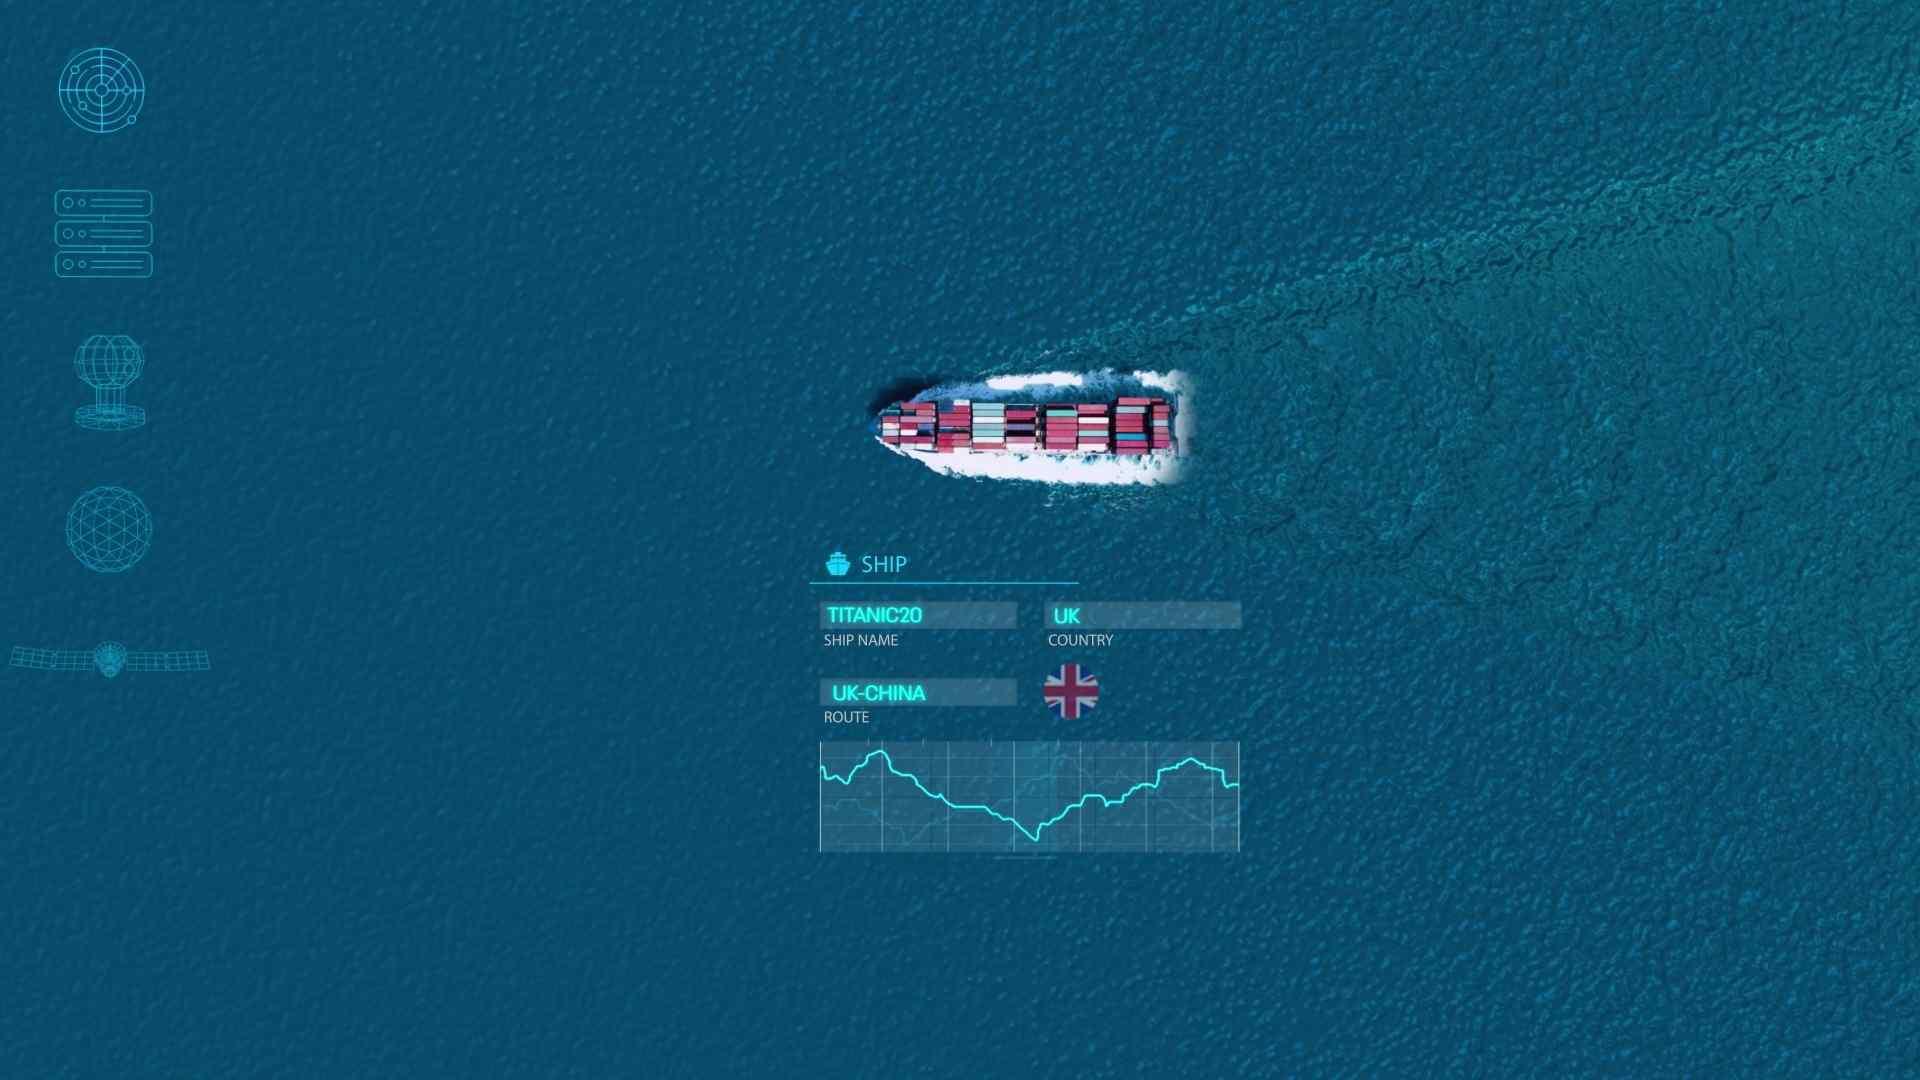 סרטון אנימציה למערכת בקרה ימית